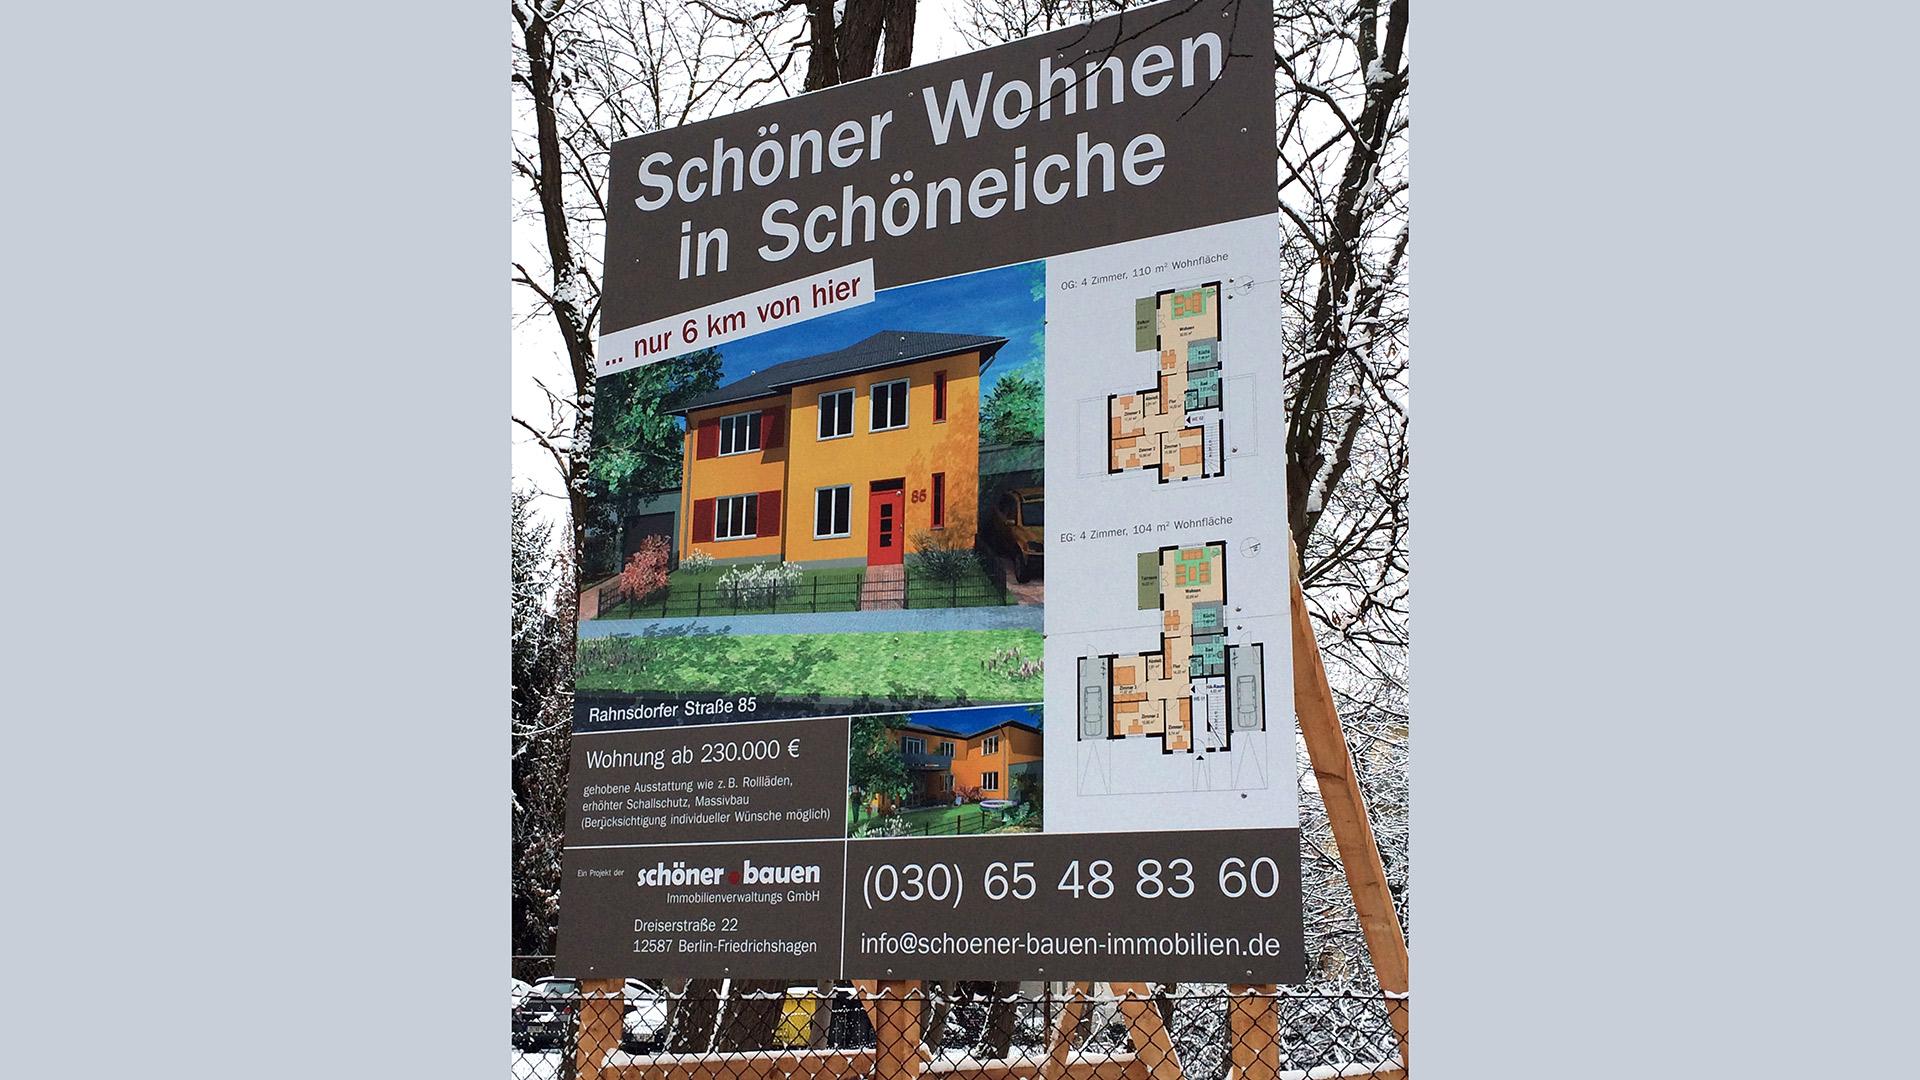 Bautafel-Schooeneiche-Dibond-Matti-Michalke-Berlin-Brandenburg-Aussenwerbung-Innenwerbung-Banner-Planen-Folien-Werbemittel-Druck-Print